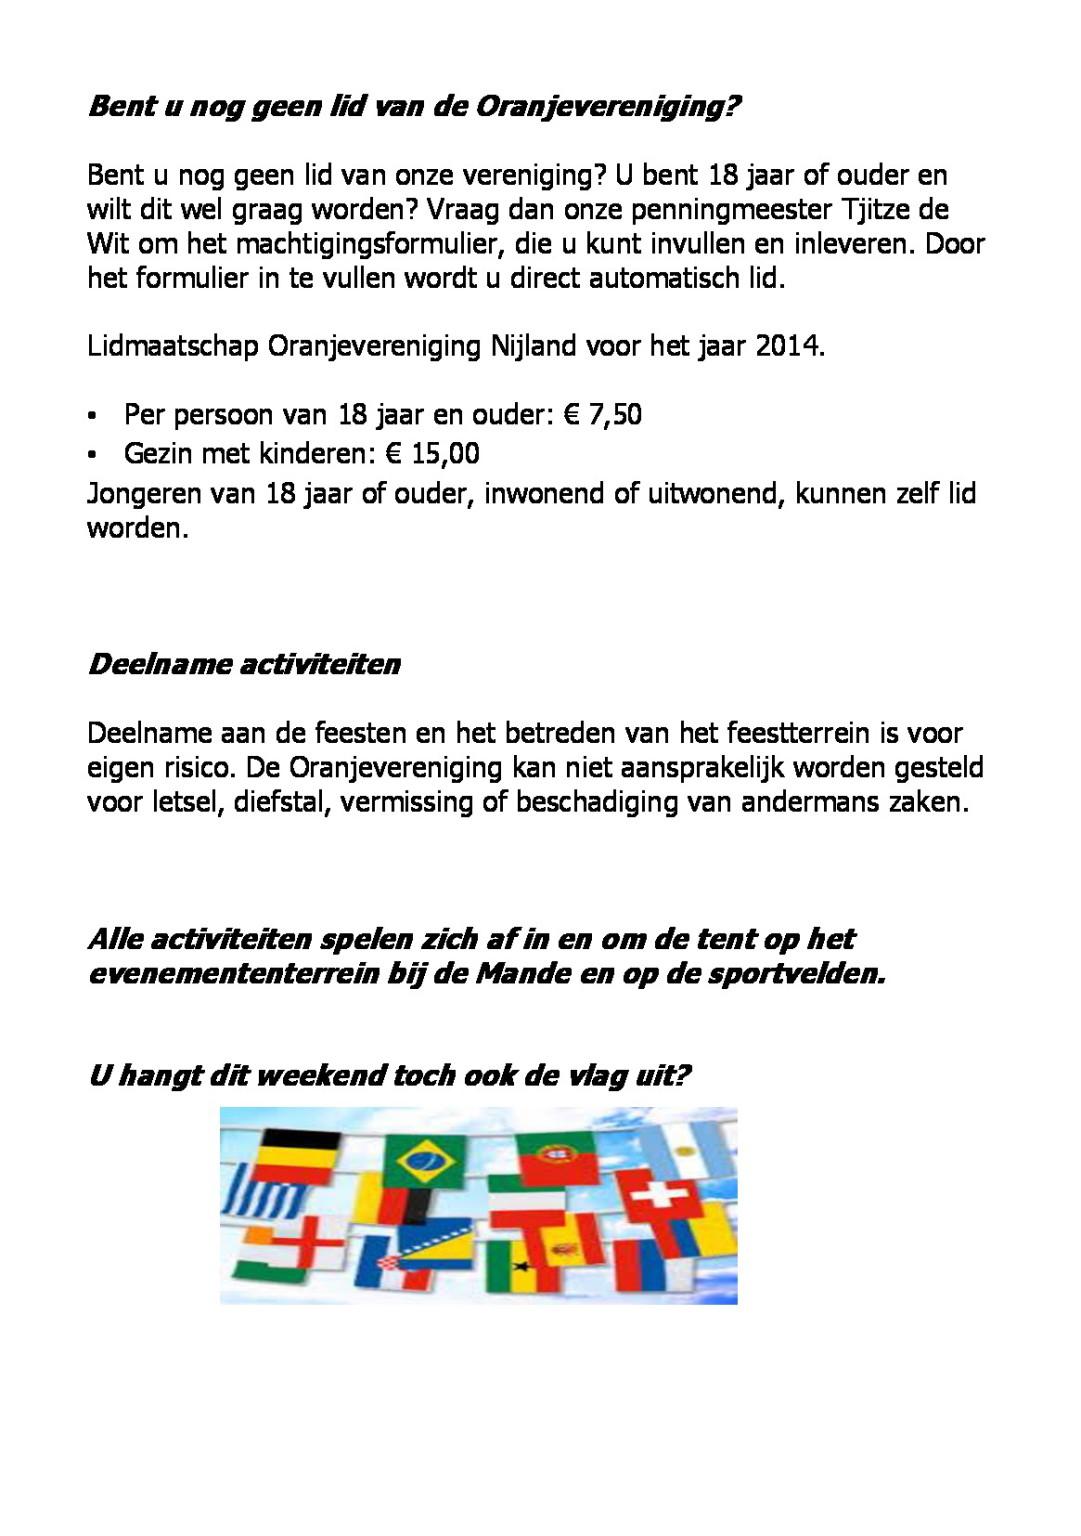 http://www.oranjenijland.nl/wp_oranjenijland/wp-content/uploads/2014/08/540031a00dae3-5-1081x1536.jpg